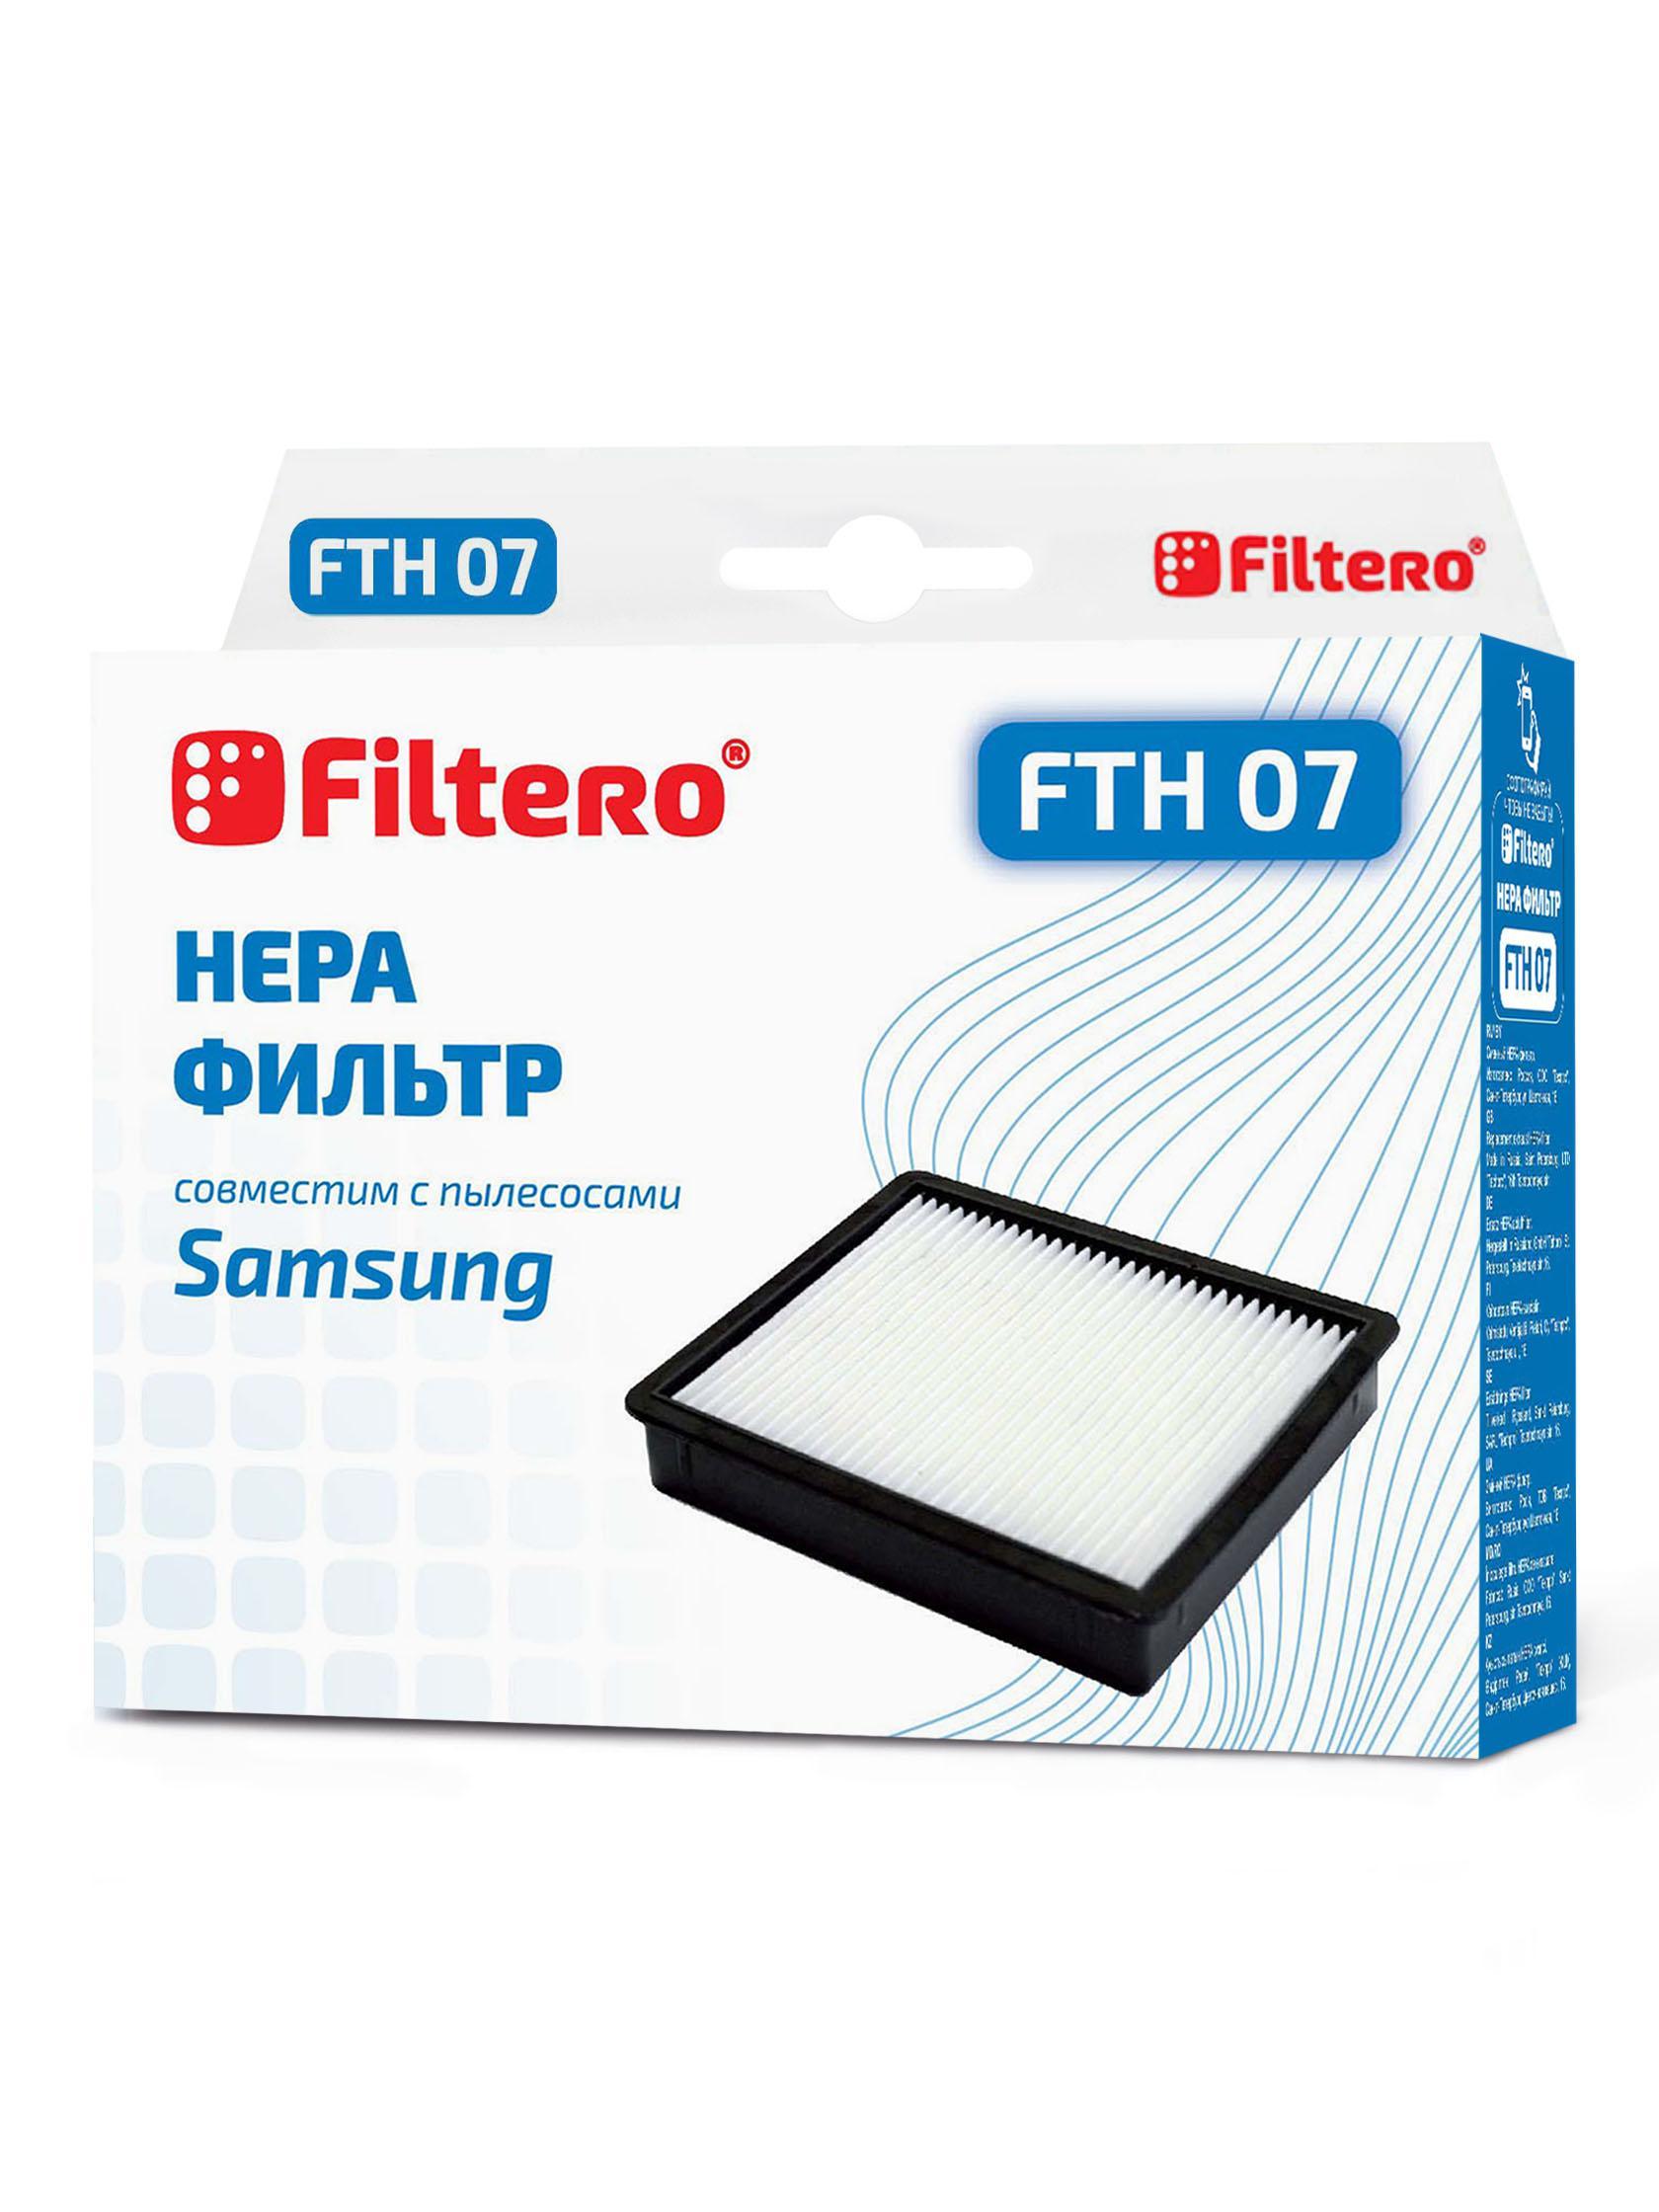 Фильтр Filtero Fth 07 sam